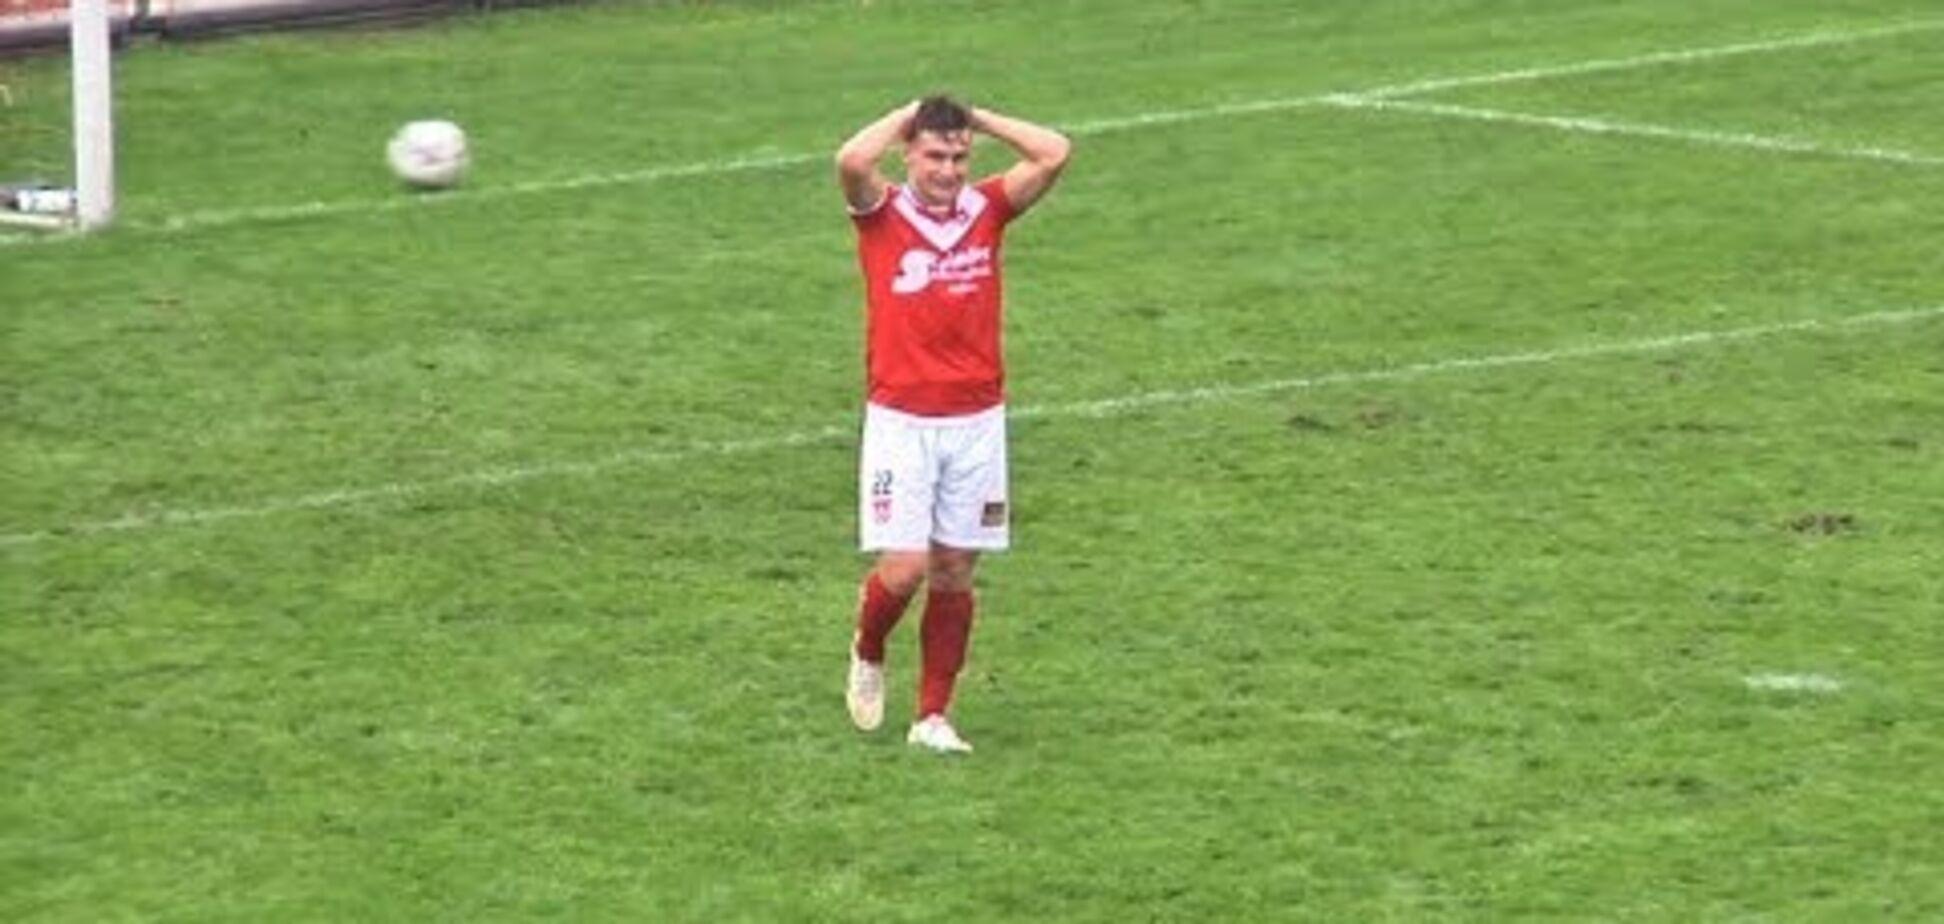 Голландський футболіст прославився на весь світ, допустивши шалений промах: відео курйозу